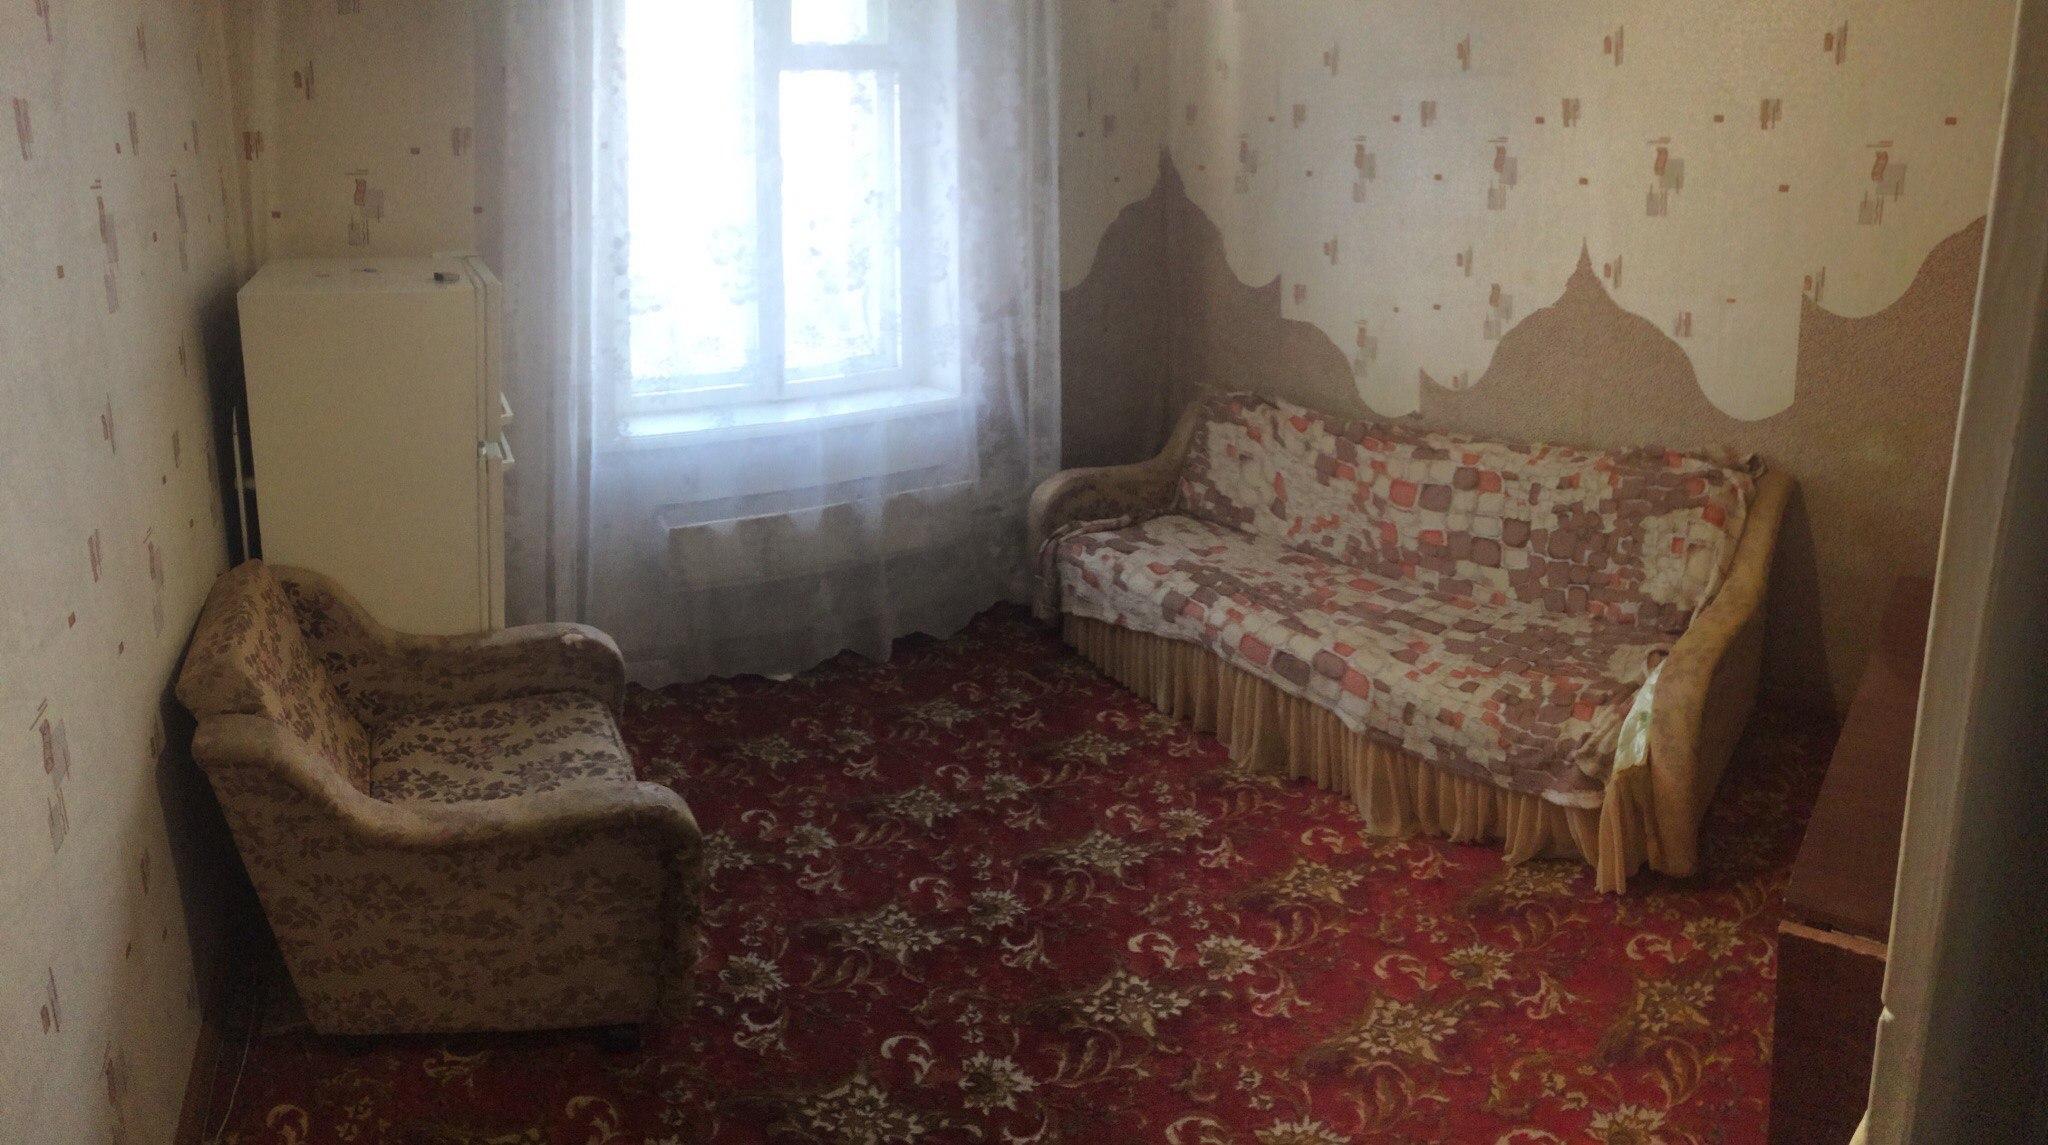 Сдам гостинку чкалова 78, 7 этаж, 2-х местка, есть диван, кресло, холодильник , плитка, 5т.